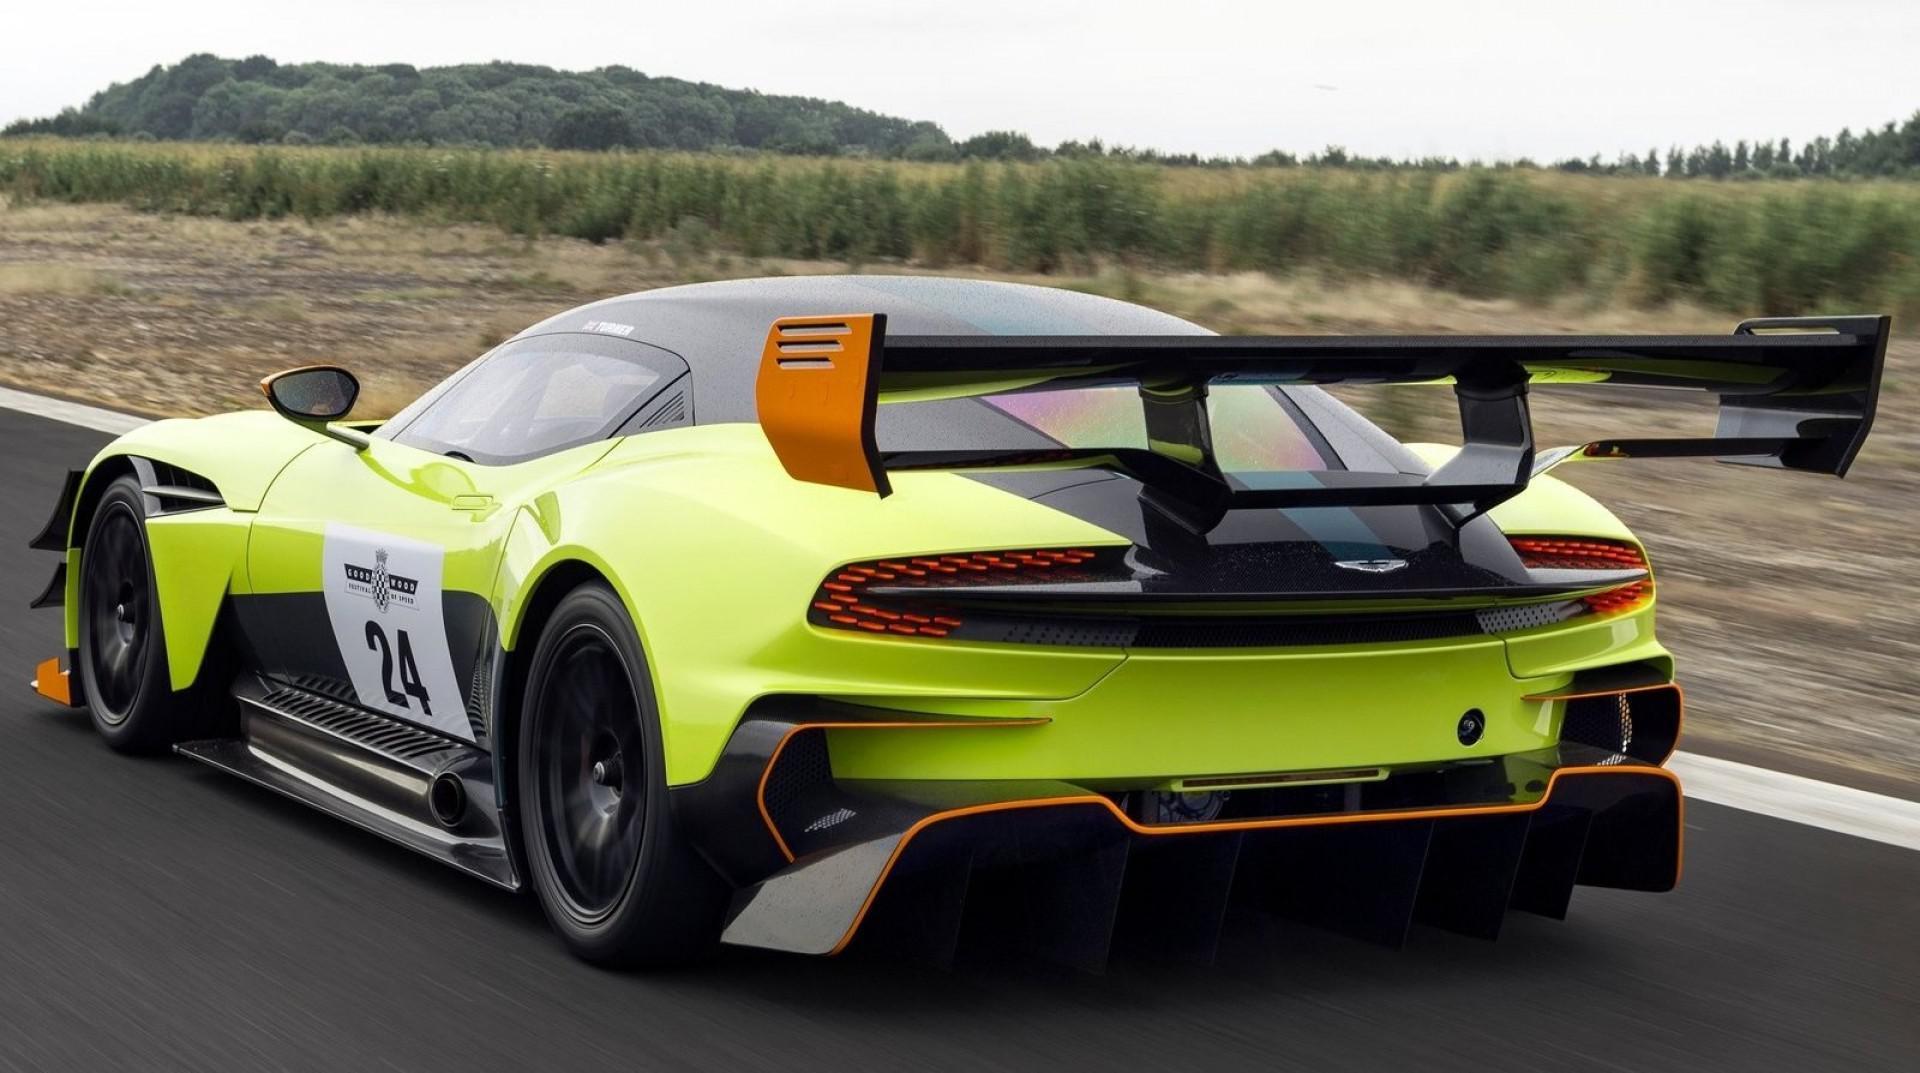 La voiture de piste la plus extrême au monde: Aston Martin Vulcan AMR Pro